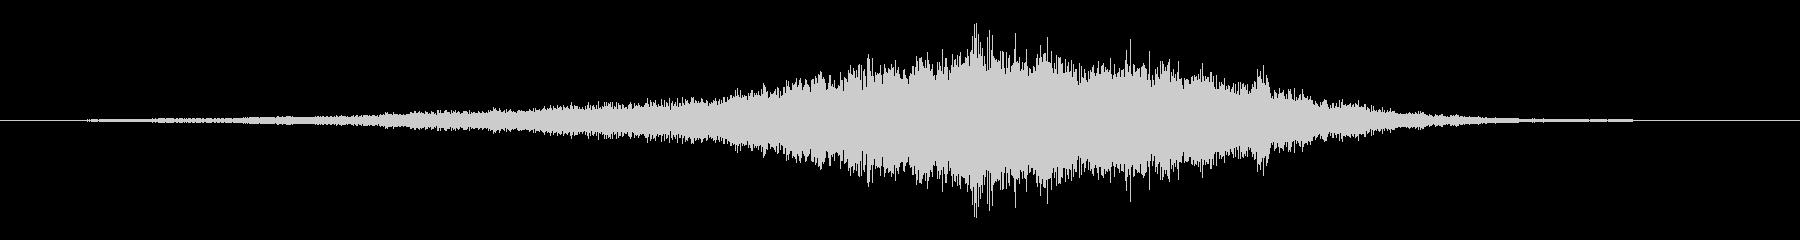 音楽スティンガー;演奏する前のオー...の未再生の波形